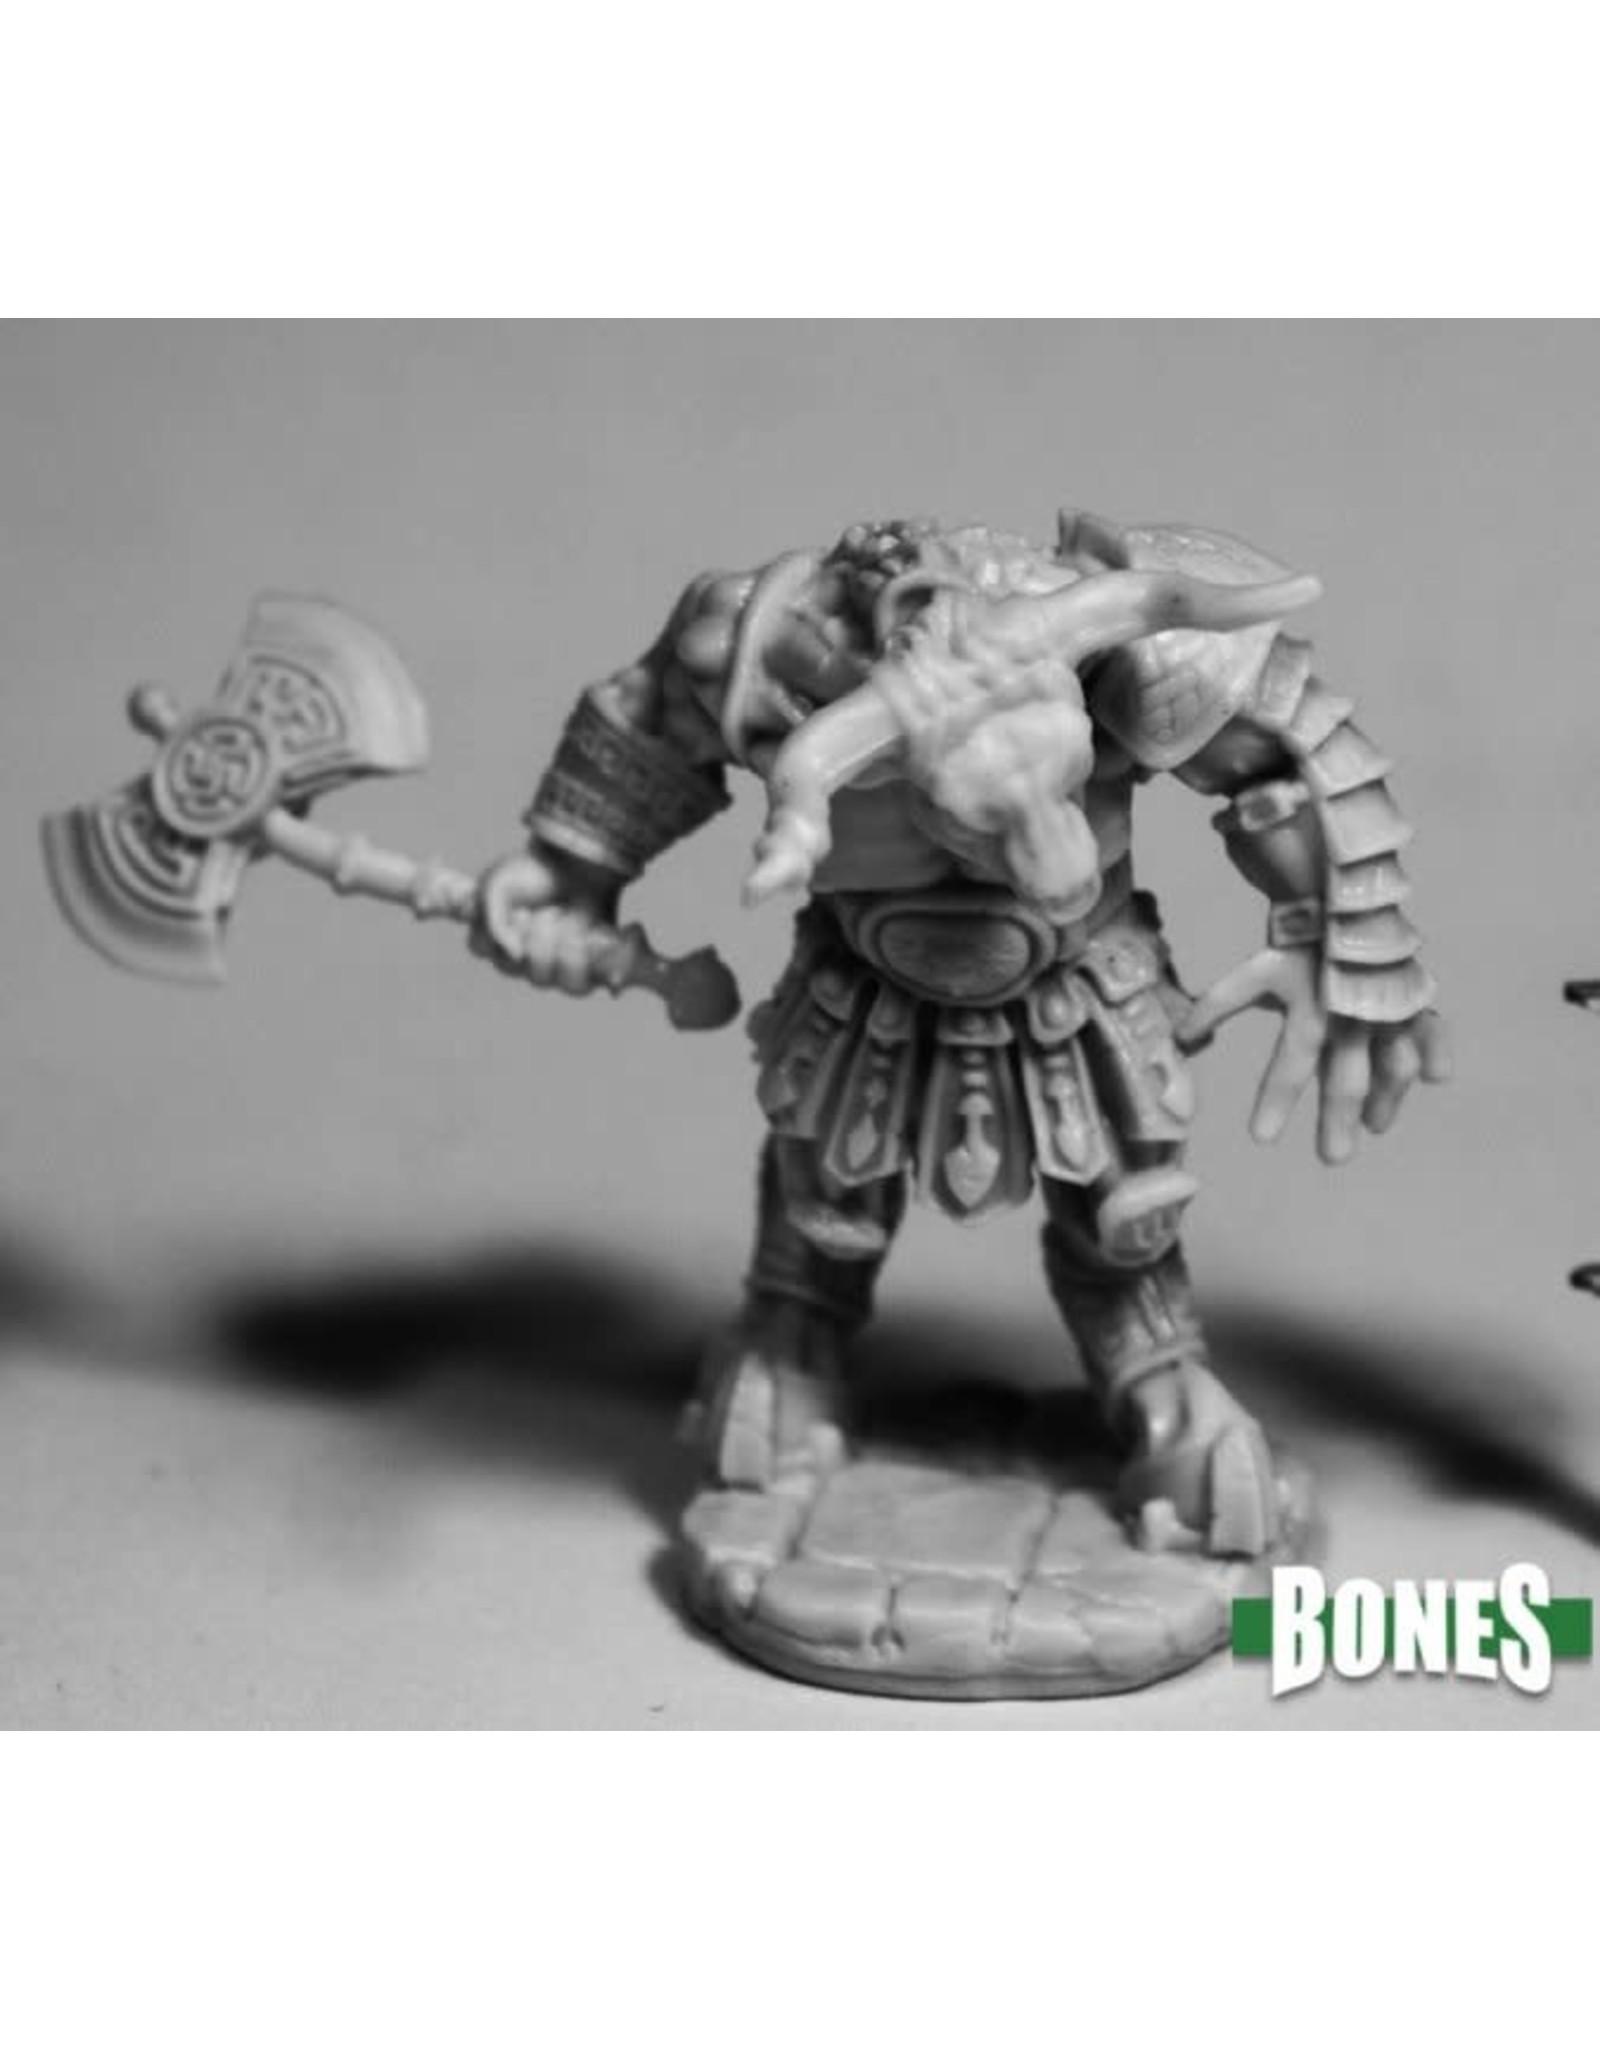 Reaper Miniatures Bones: Minotaur 2